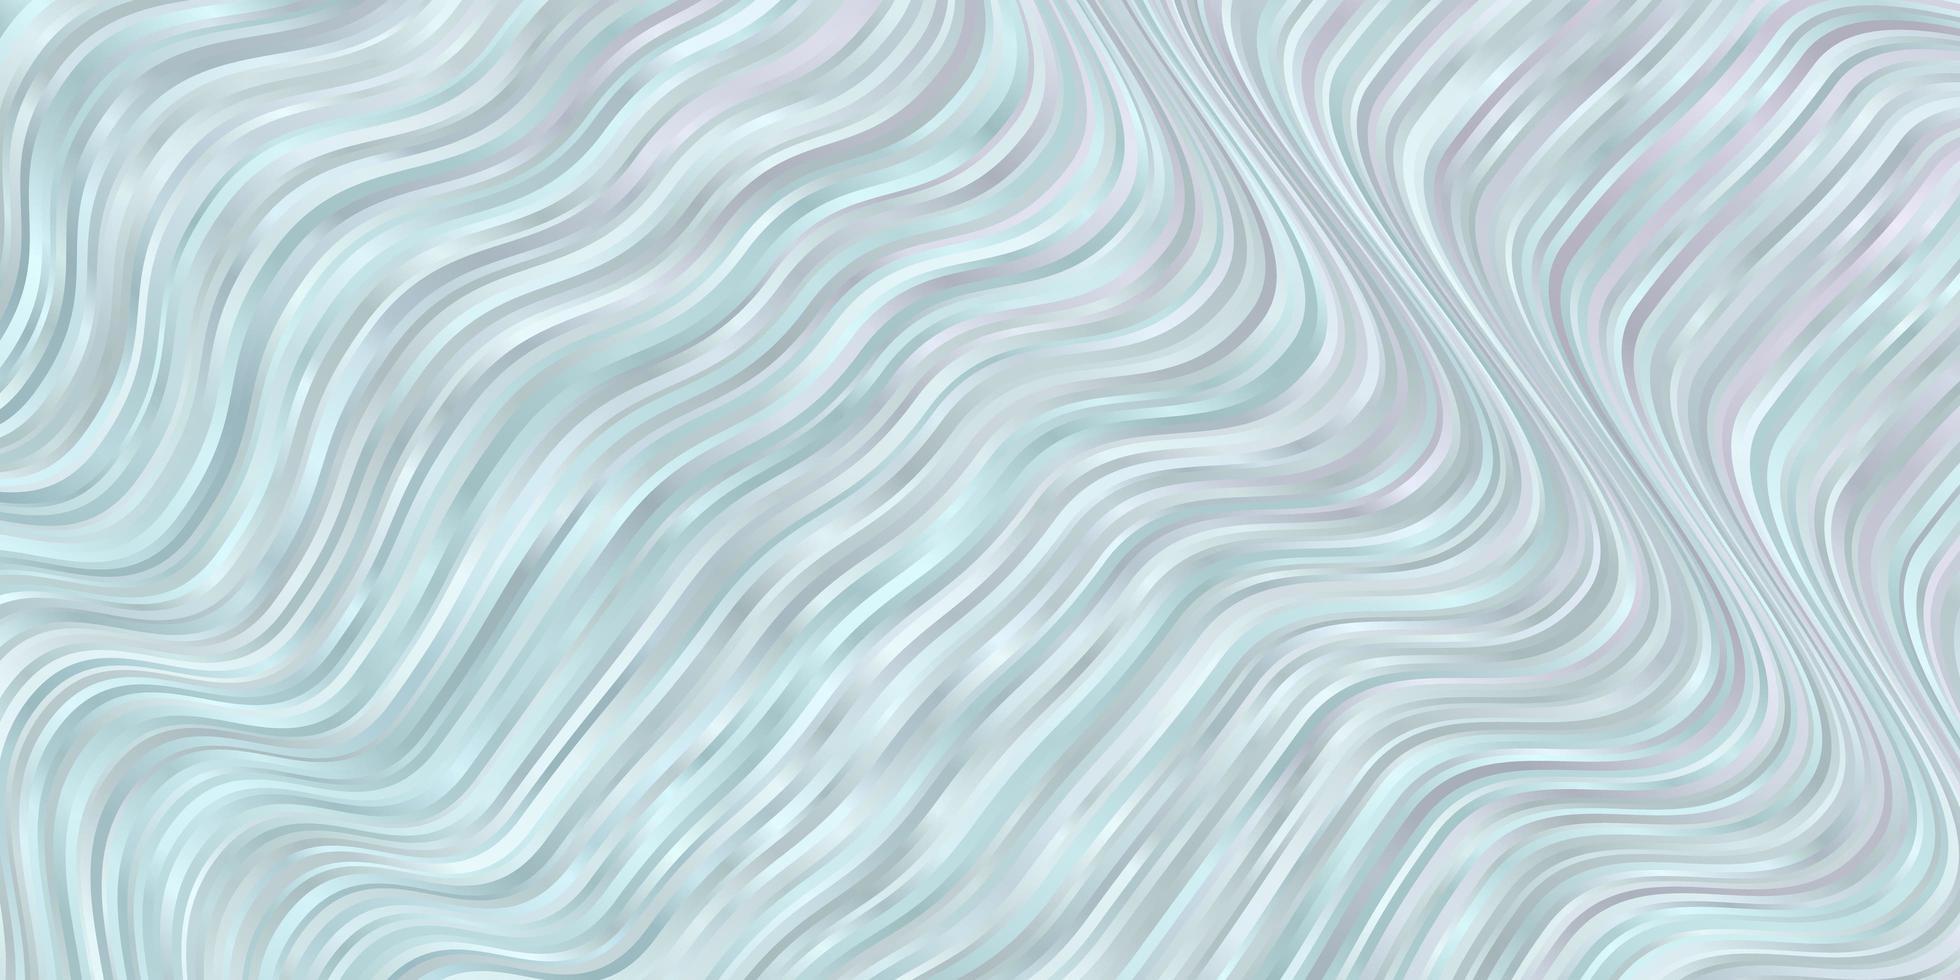 ljusblå bakgrund med böjda linjer. vektor